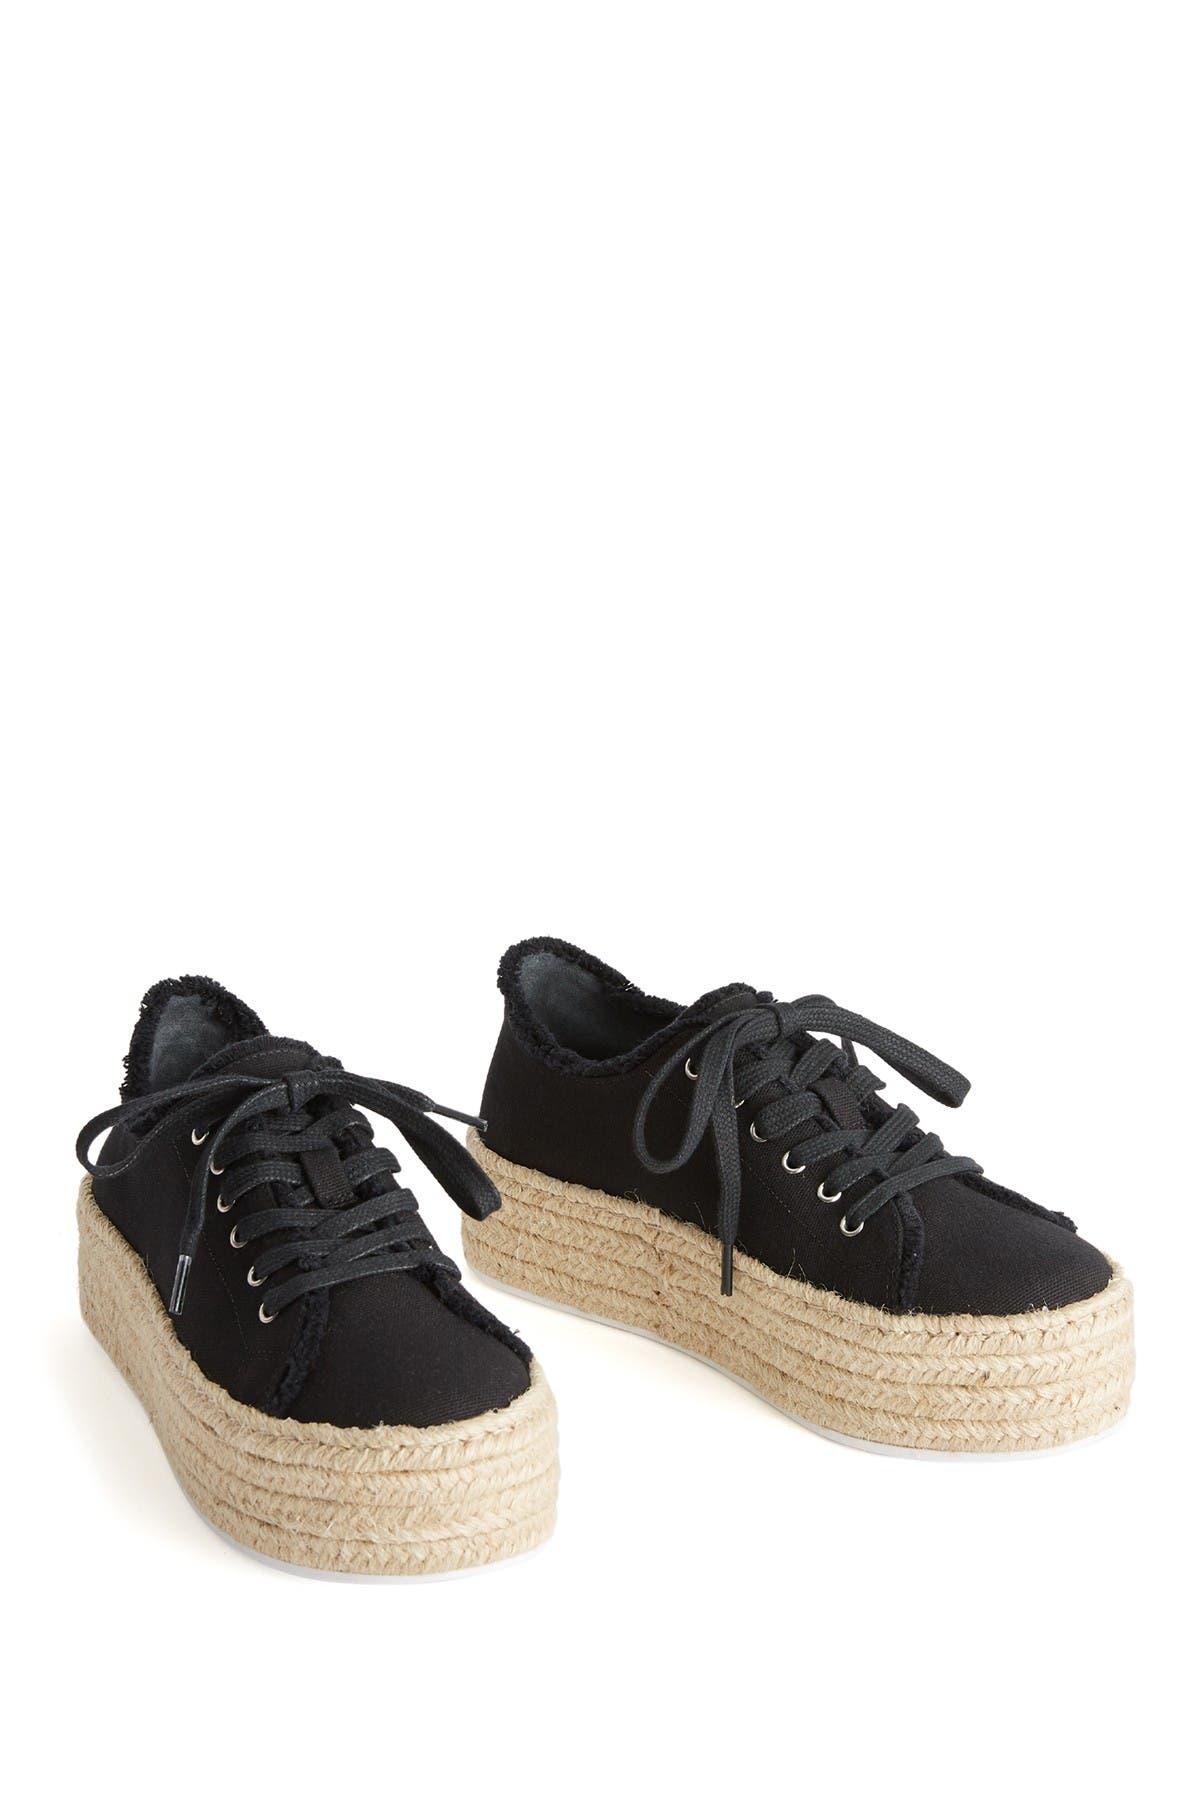 Schutz | Luana Espadrille Sneaker